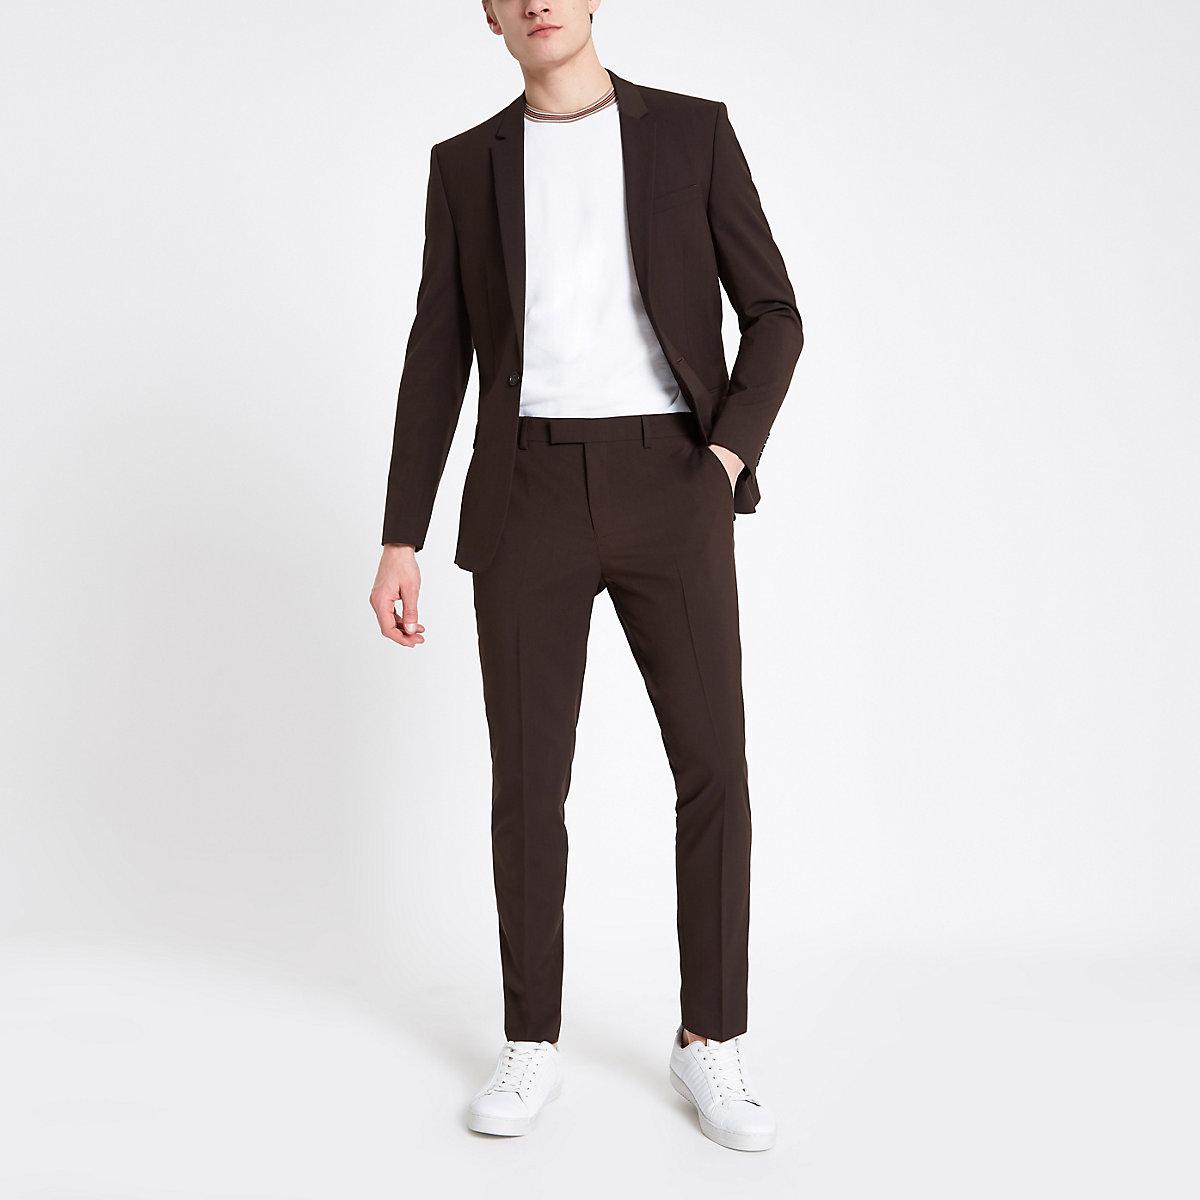 Brown skinny fit suit pants